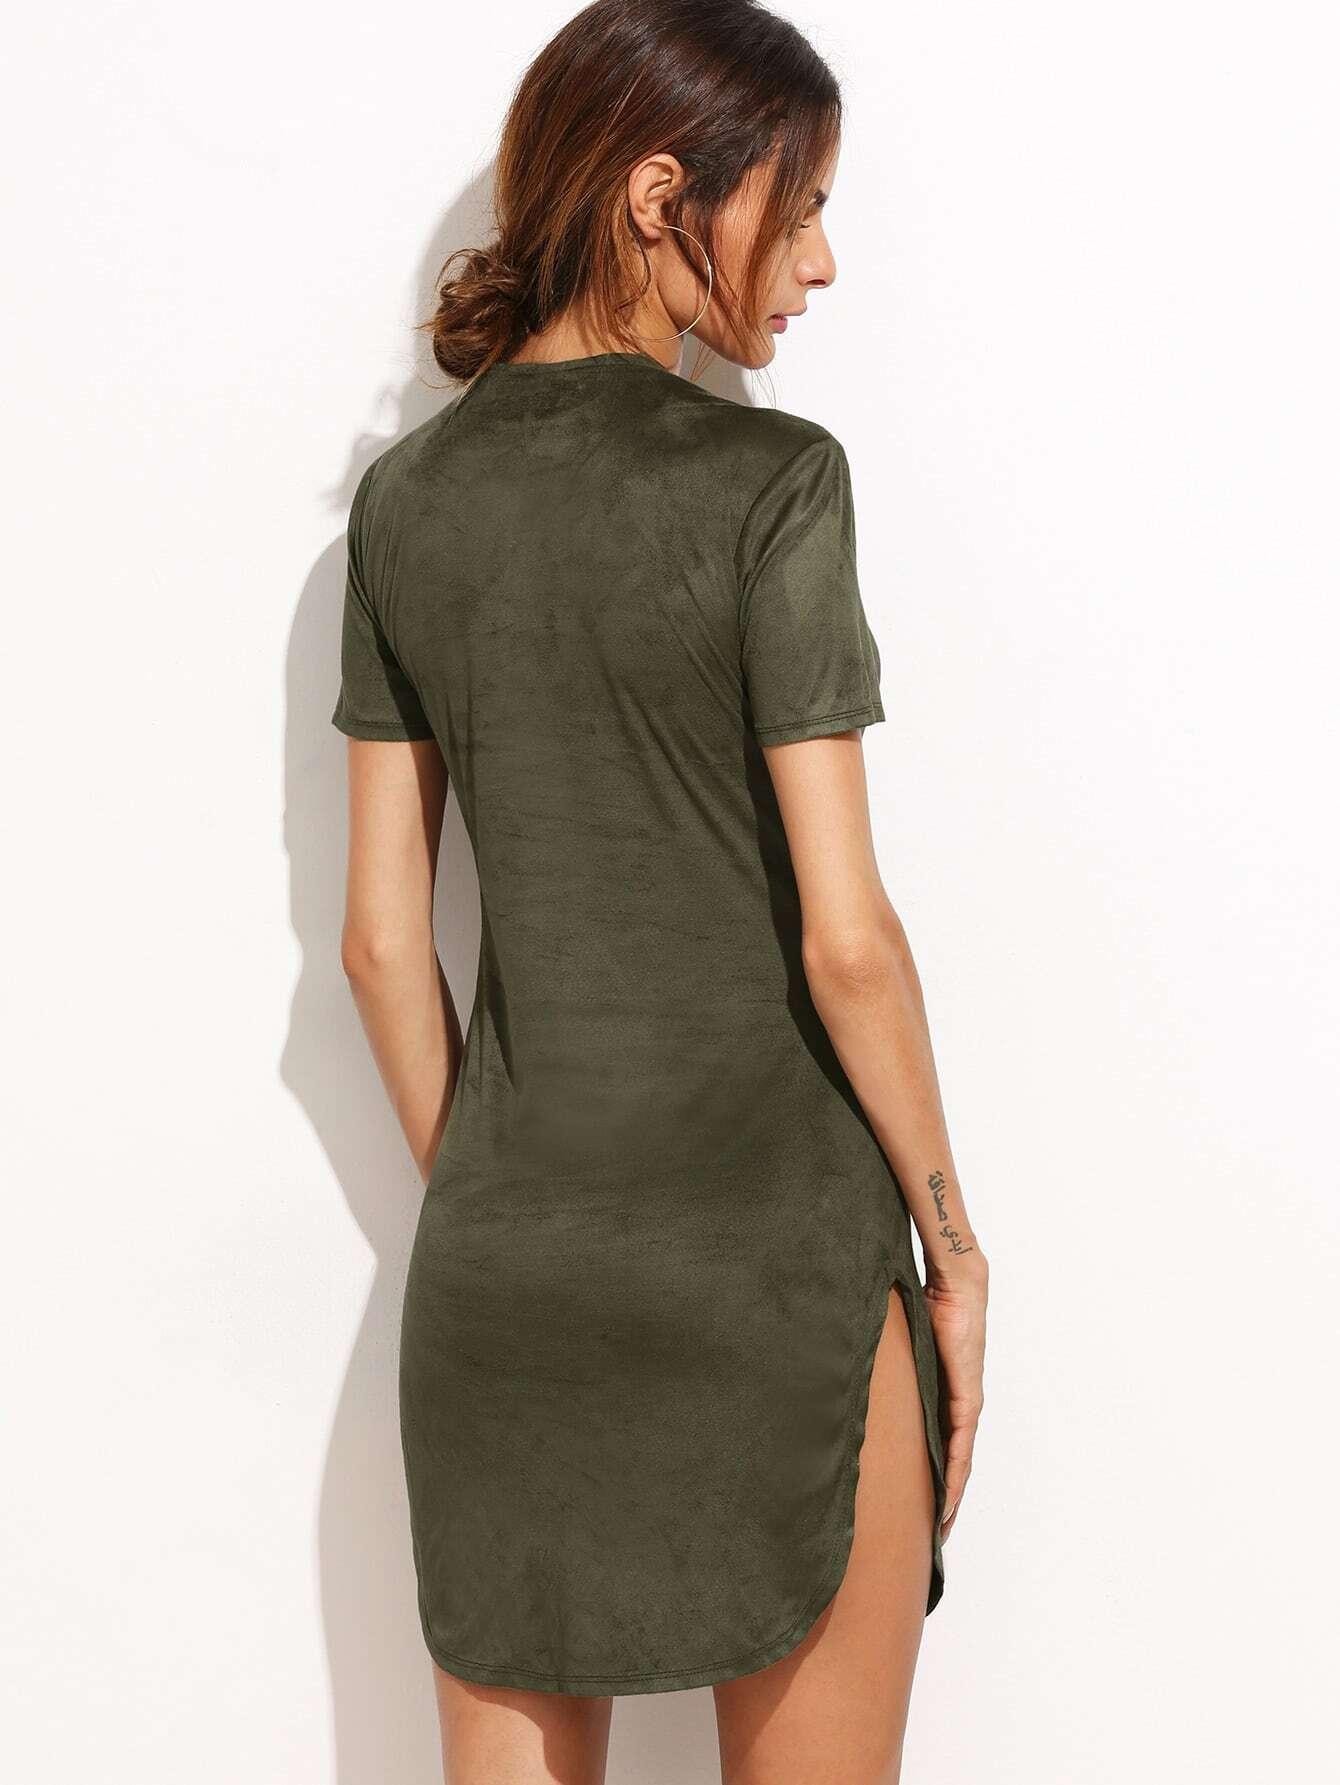 dress160913770_2